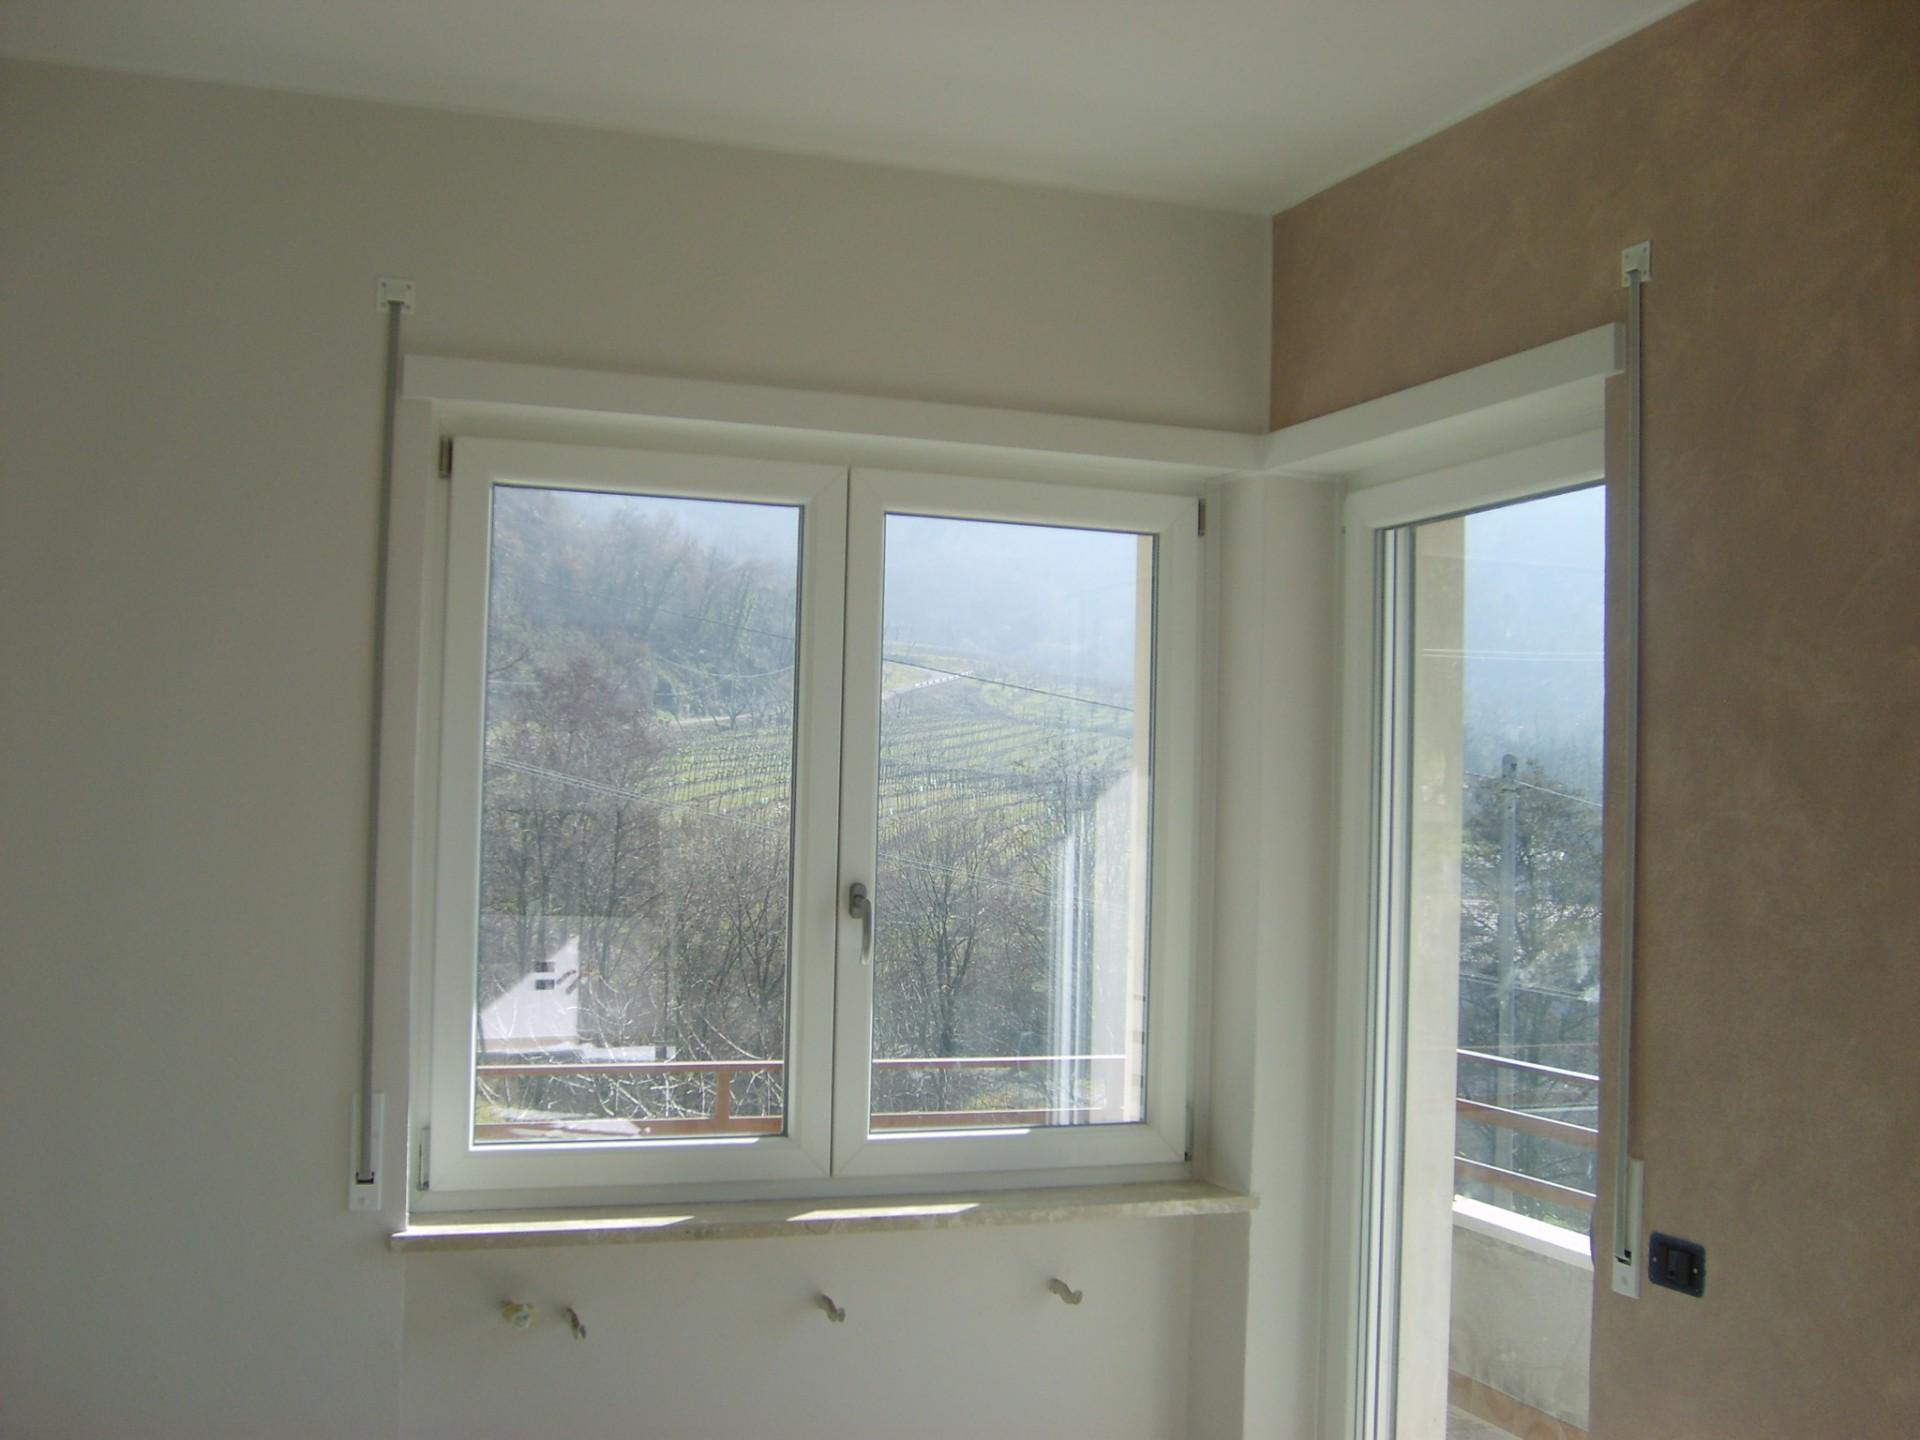 Serramenti in pvc e porte interne infix for Porte e finestre pvc